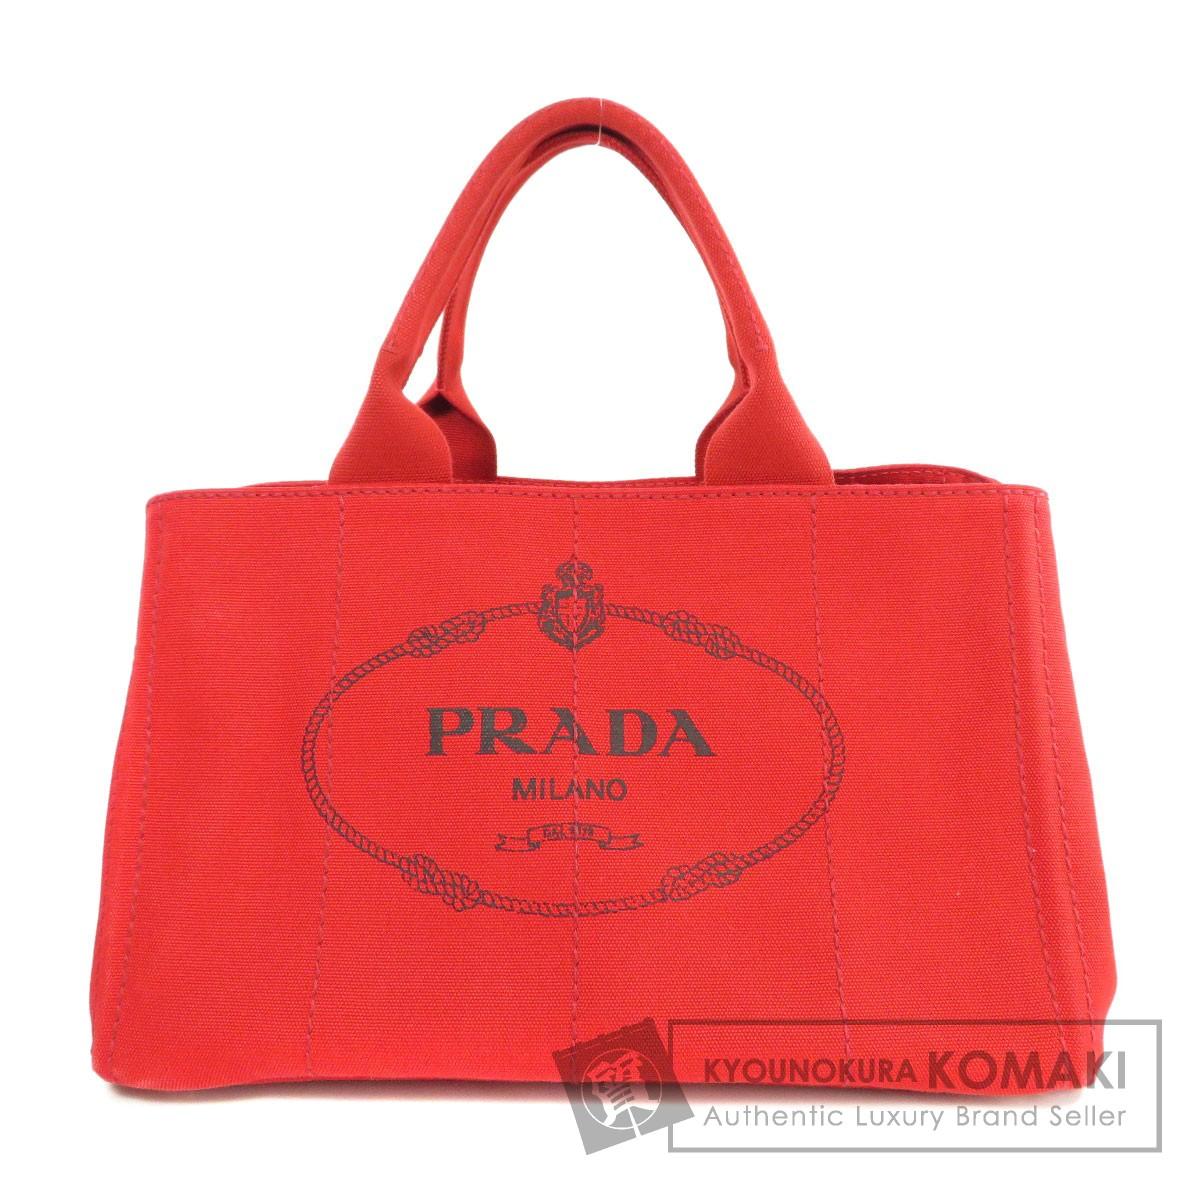 100%の保証 プラダ カナパ ストラップ付 トートバッグ キャンバス レディース 【PRADA】, 暮らすとあ e26a8146